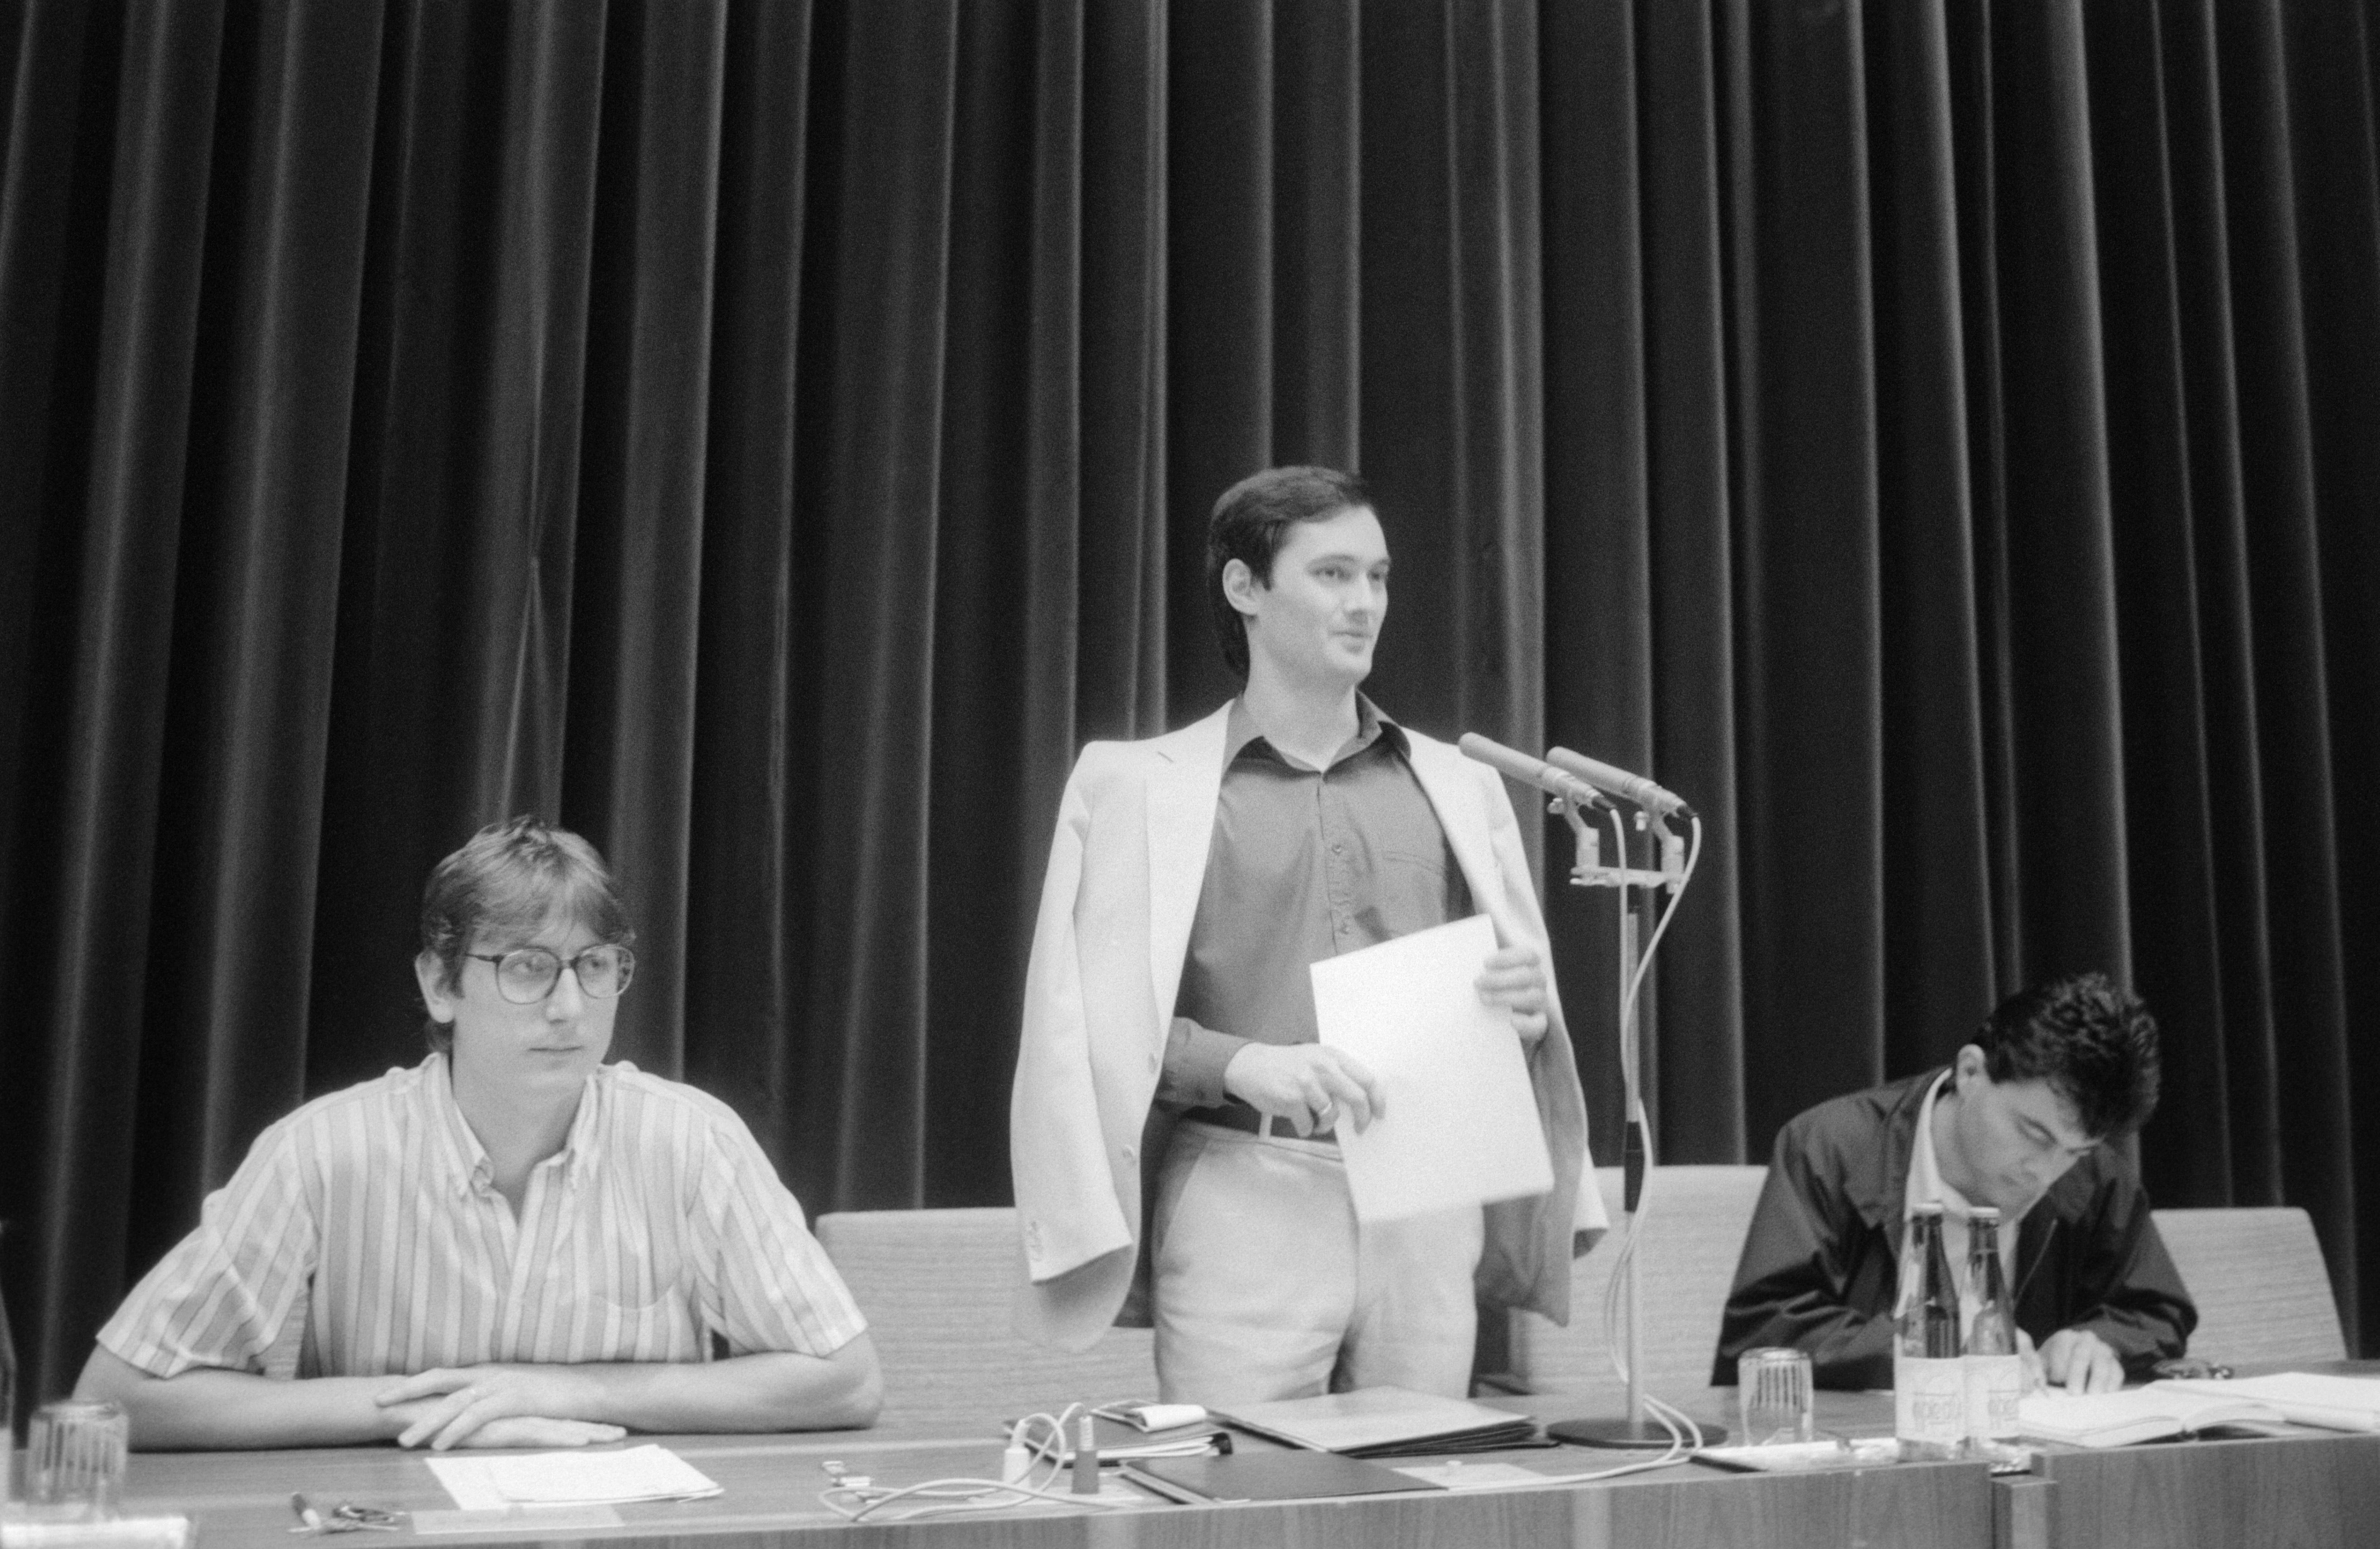 Nagy Imre (áll) már Gyurcsány legyőzése után, 1989 nyarán /Fotó: MTI